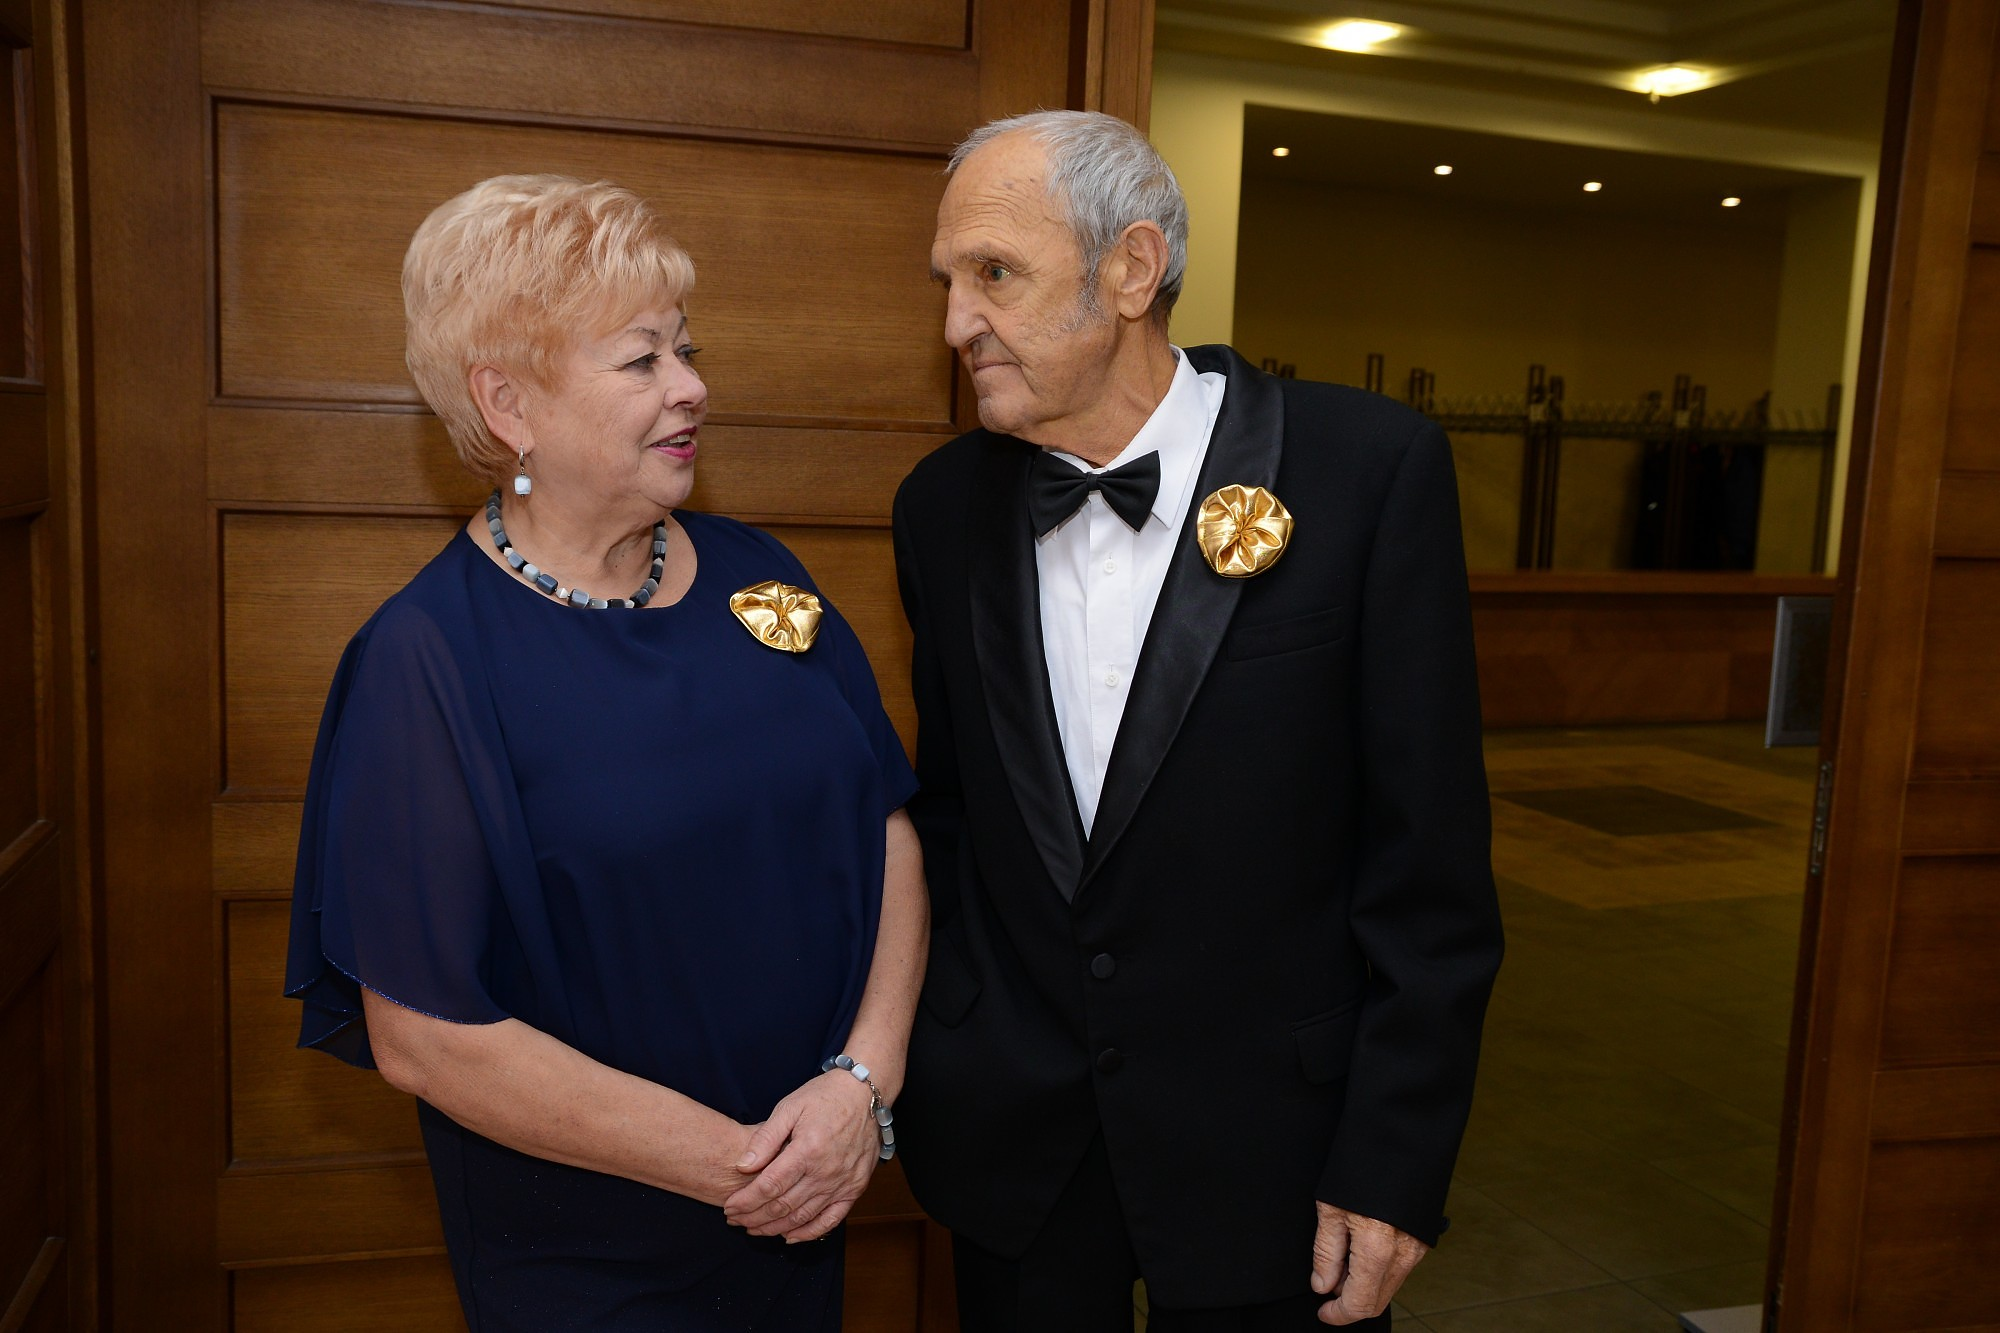 Ludmila un Juris Kārlis Jeļišenko: Kas vajadzīgs stiprai laulībai?